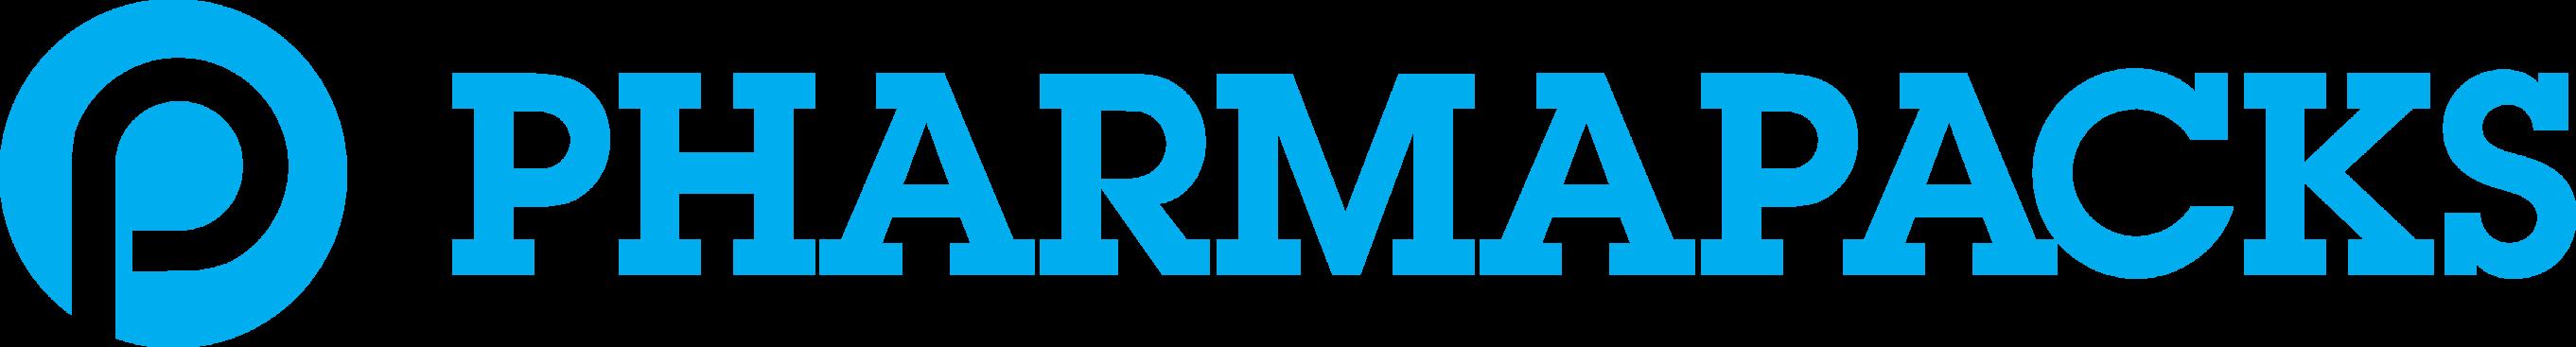 Pharma Packs logo